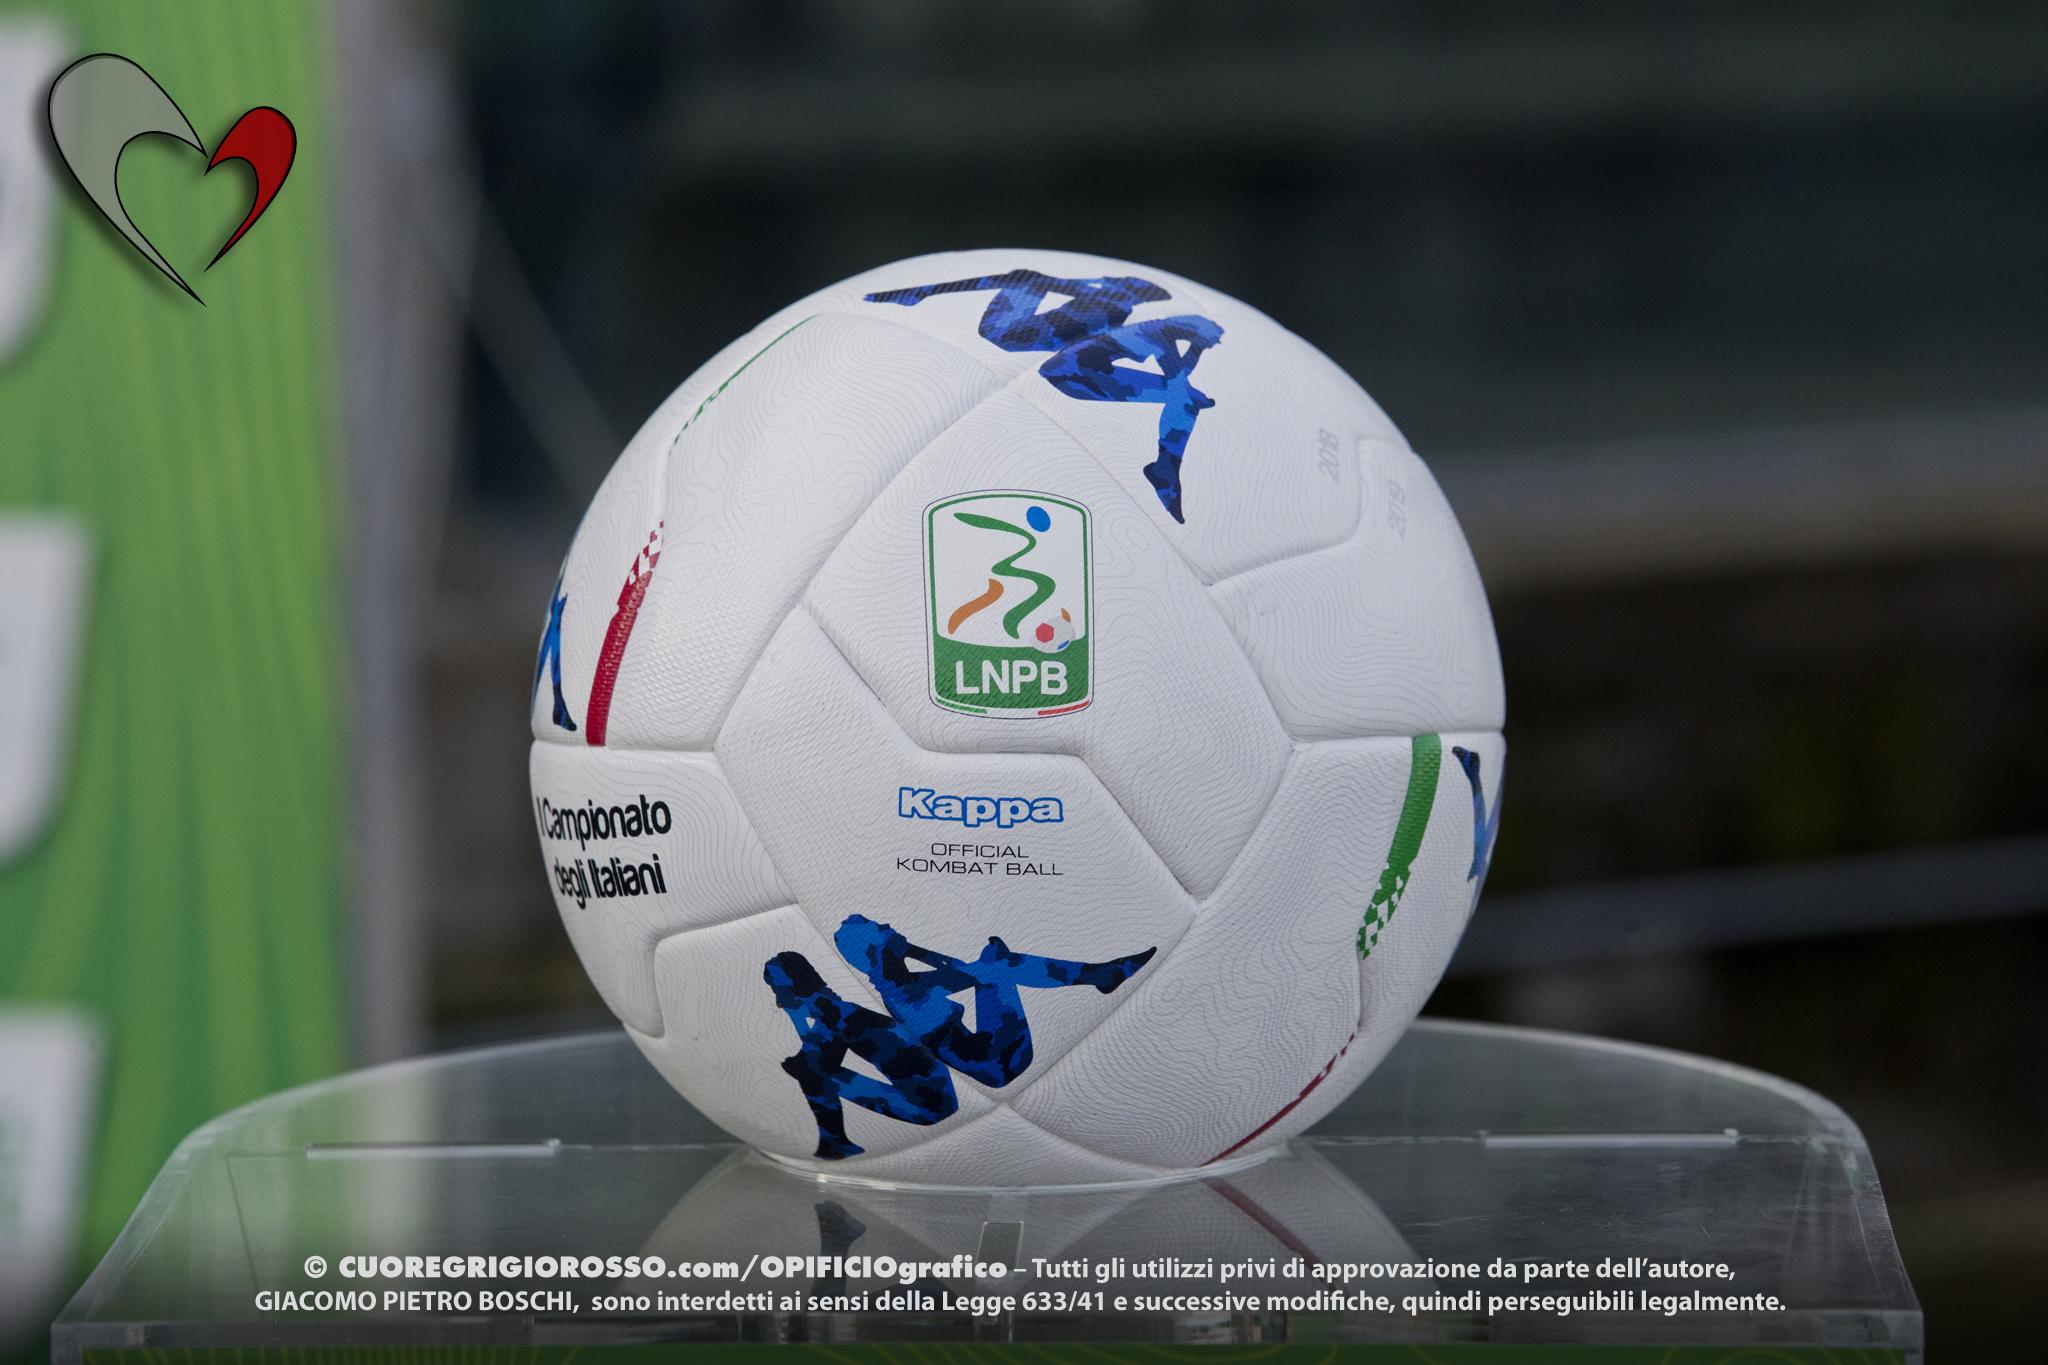 Serie B, i risultati: il Crotone allunga, male il Perugia